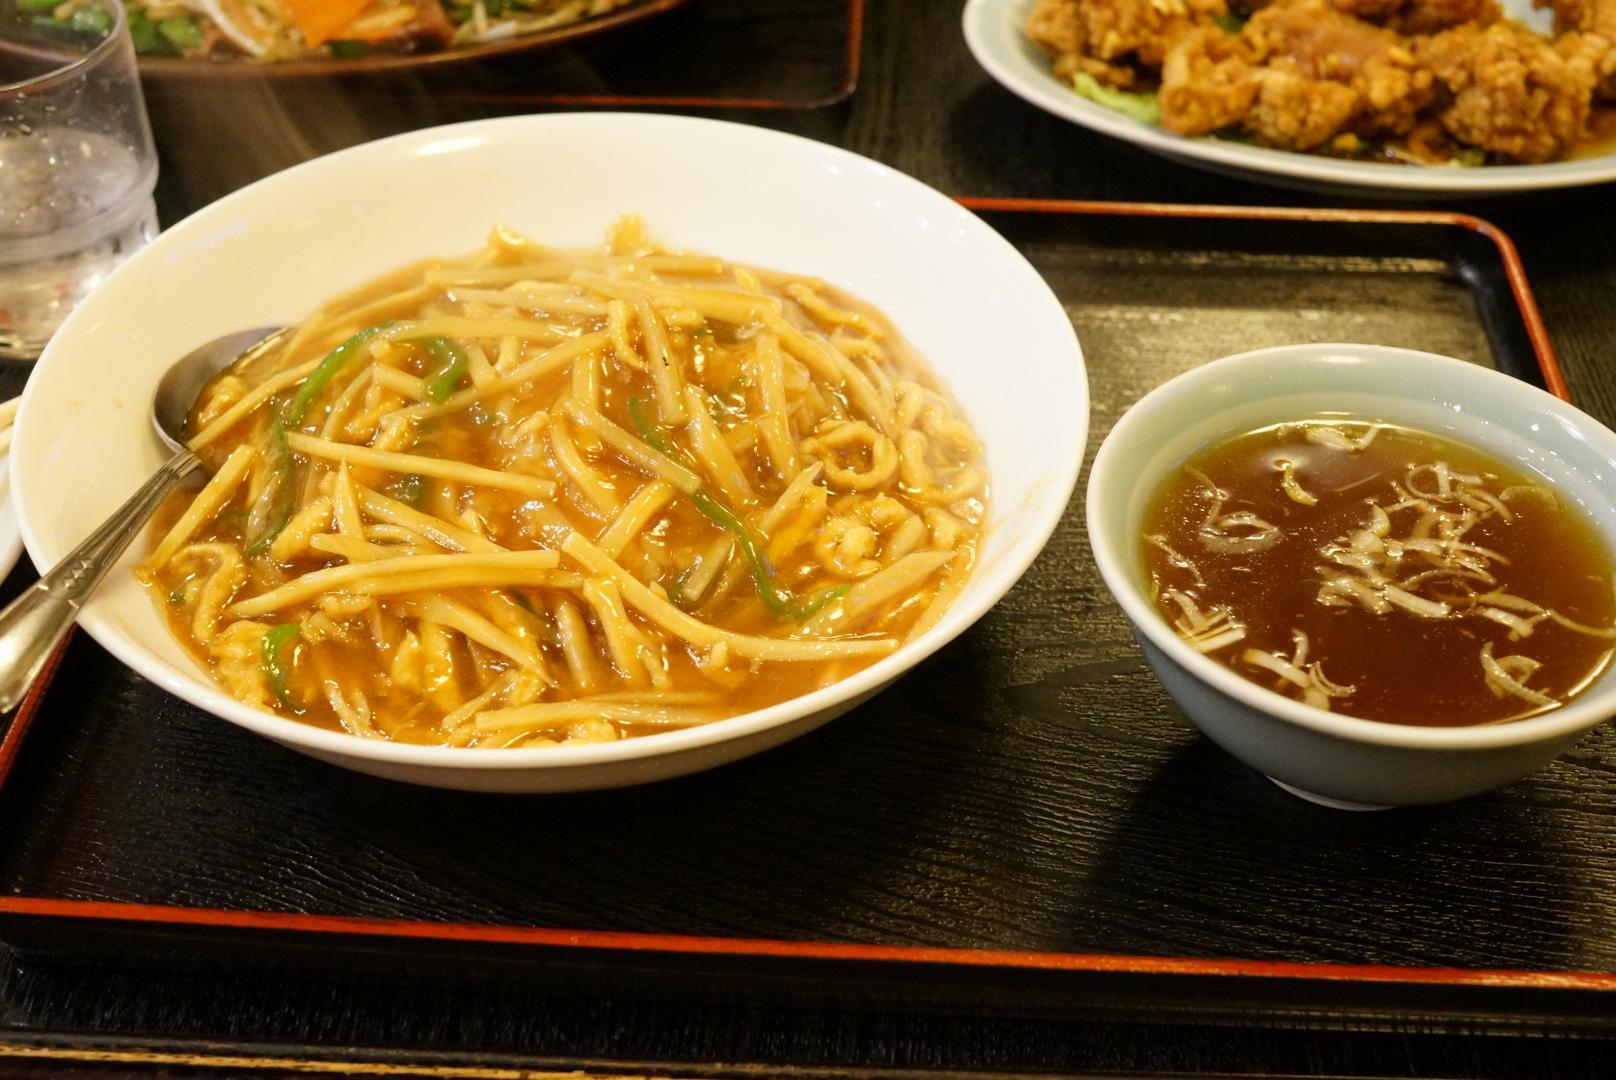 みんぱいの糸肉かけめし食べましょう(弘前市)